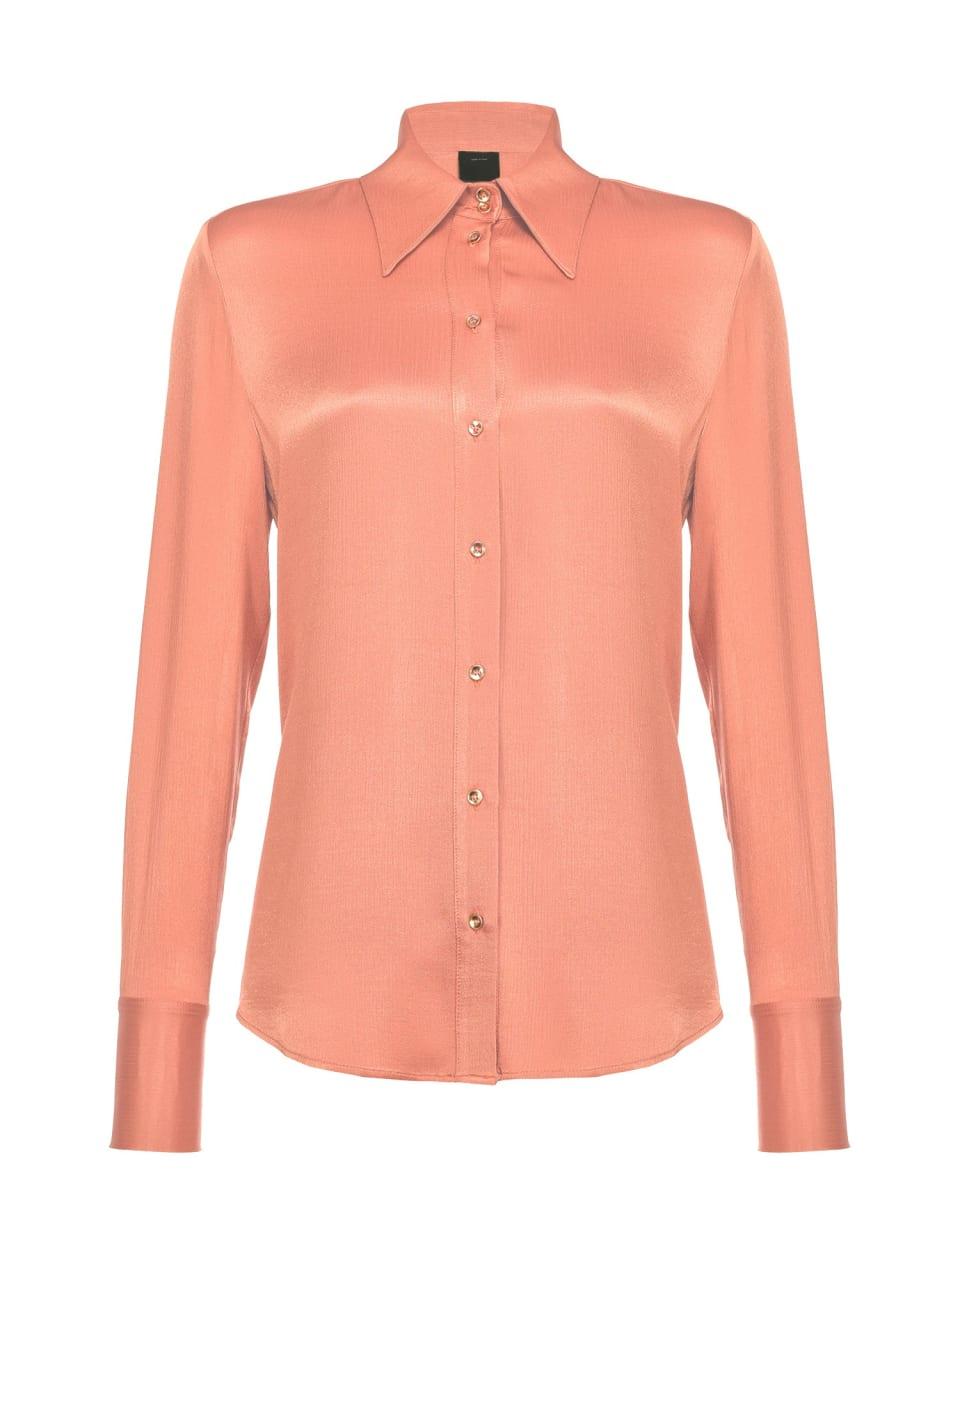 起褶缎面流动感衬衫 - Pinko